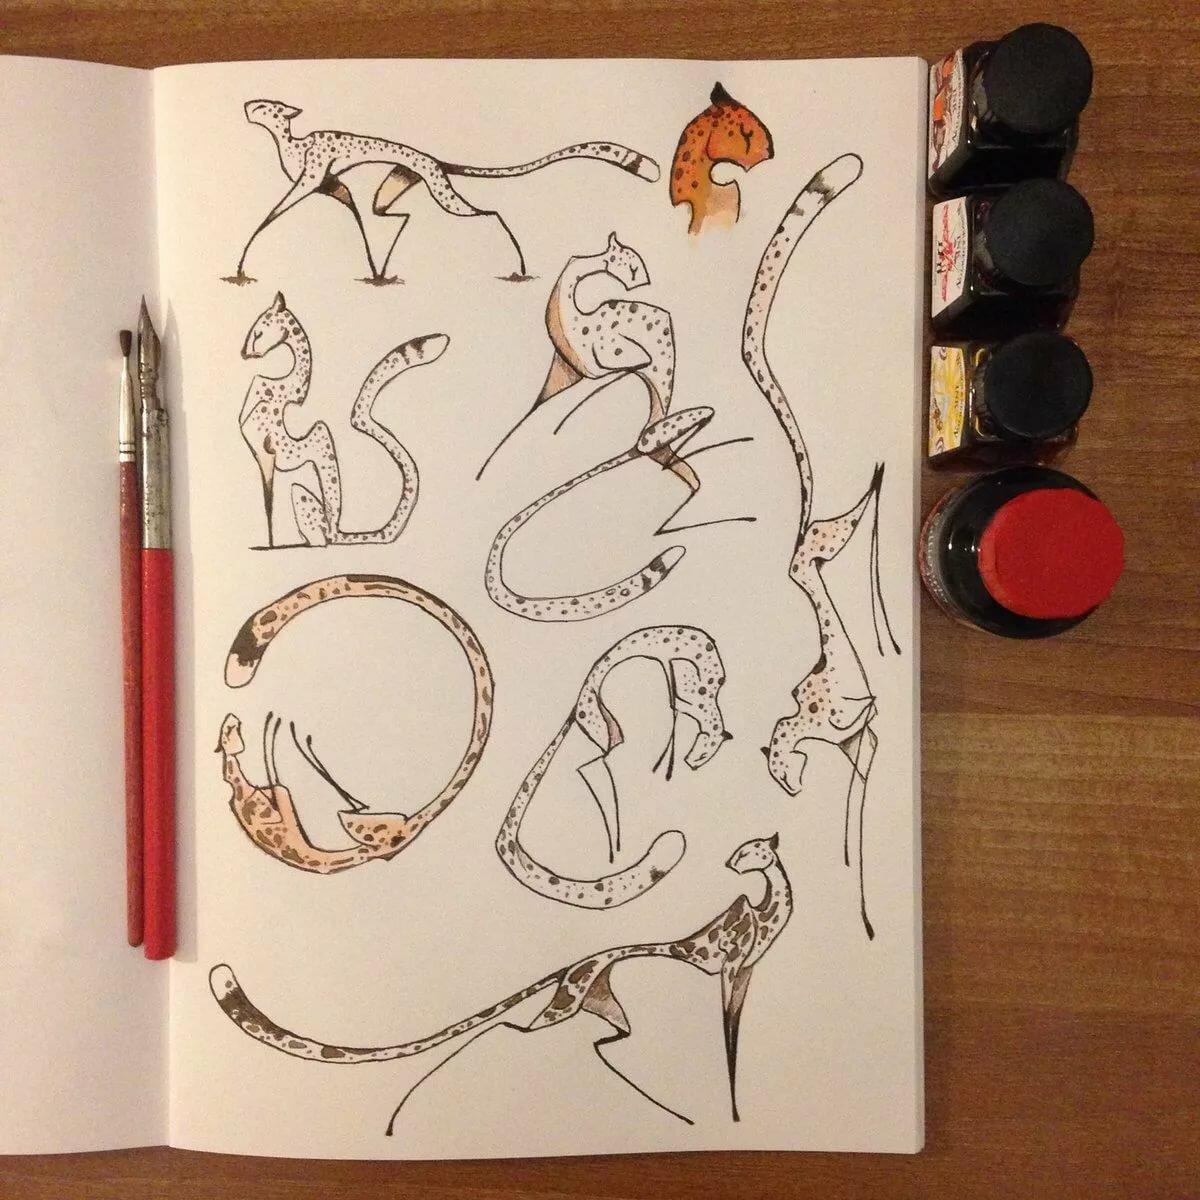 Прикольные рисунки на обложку скетчбука